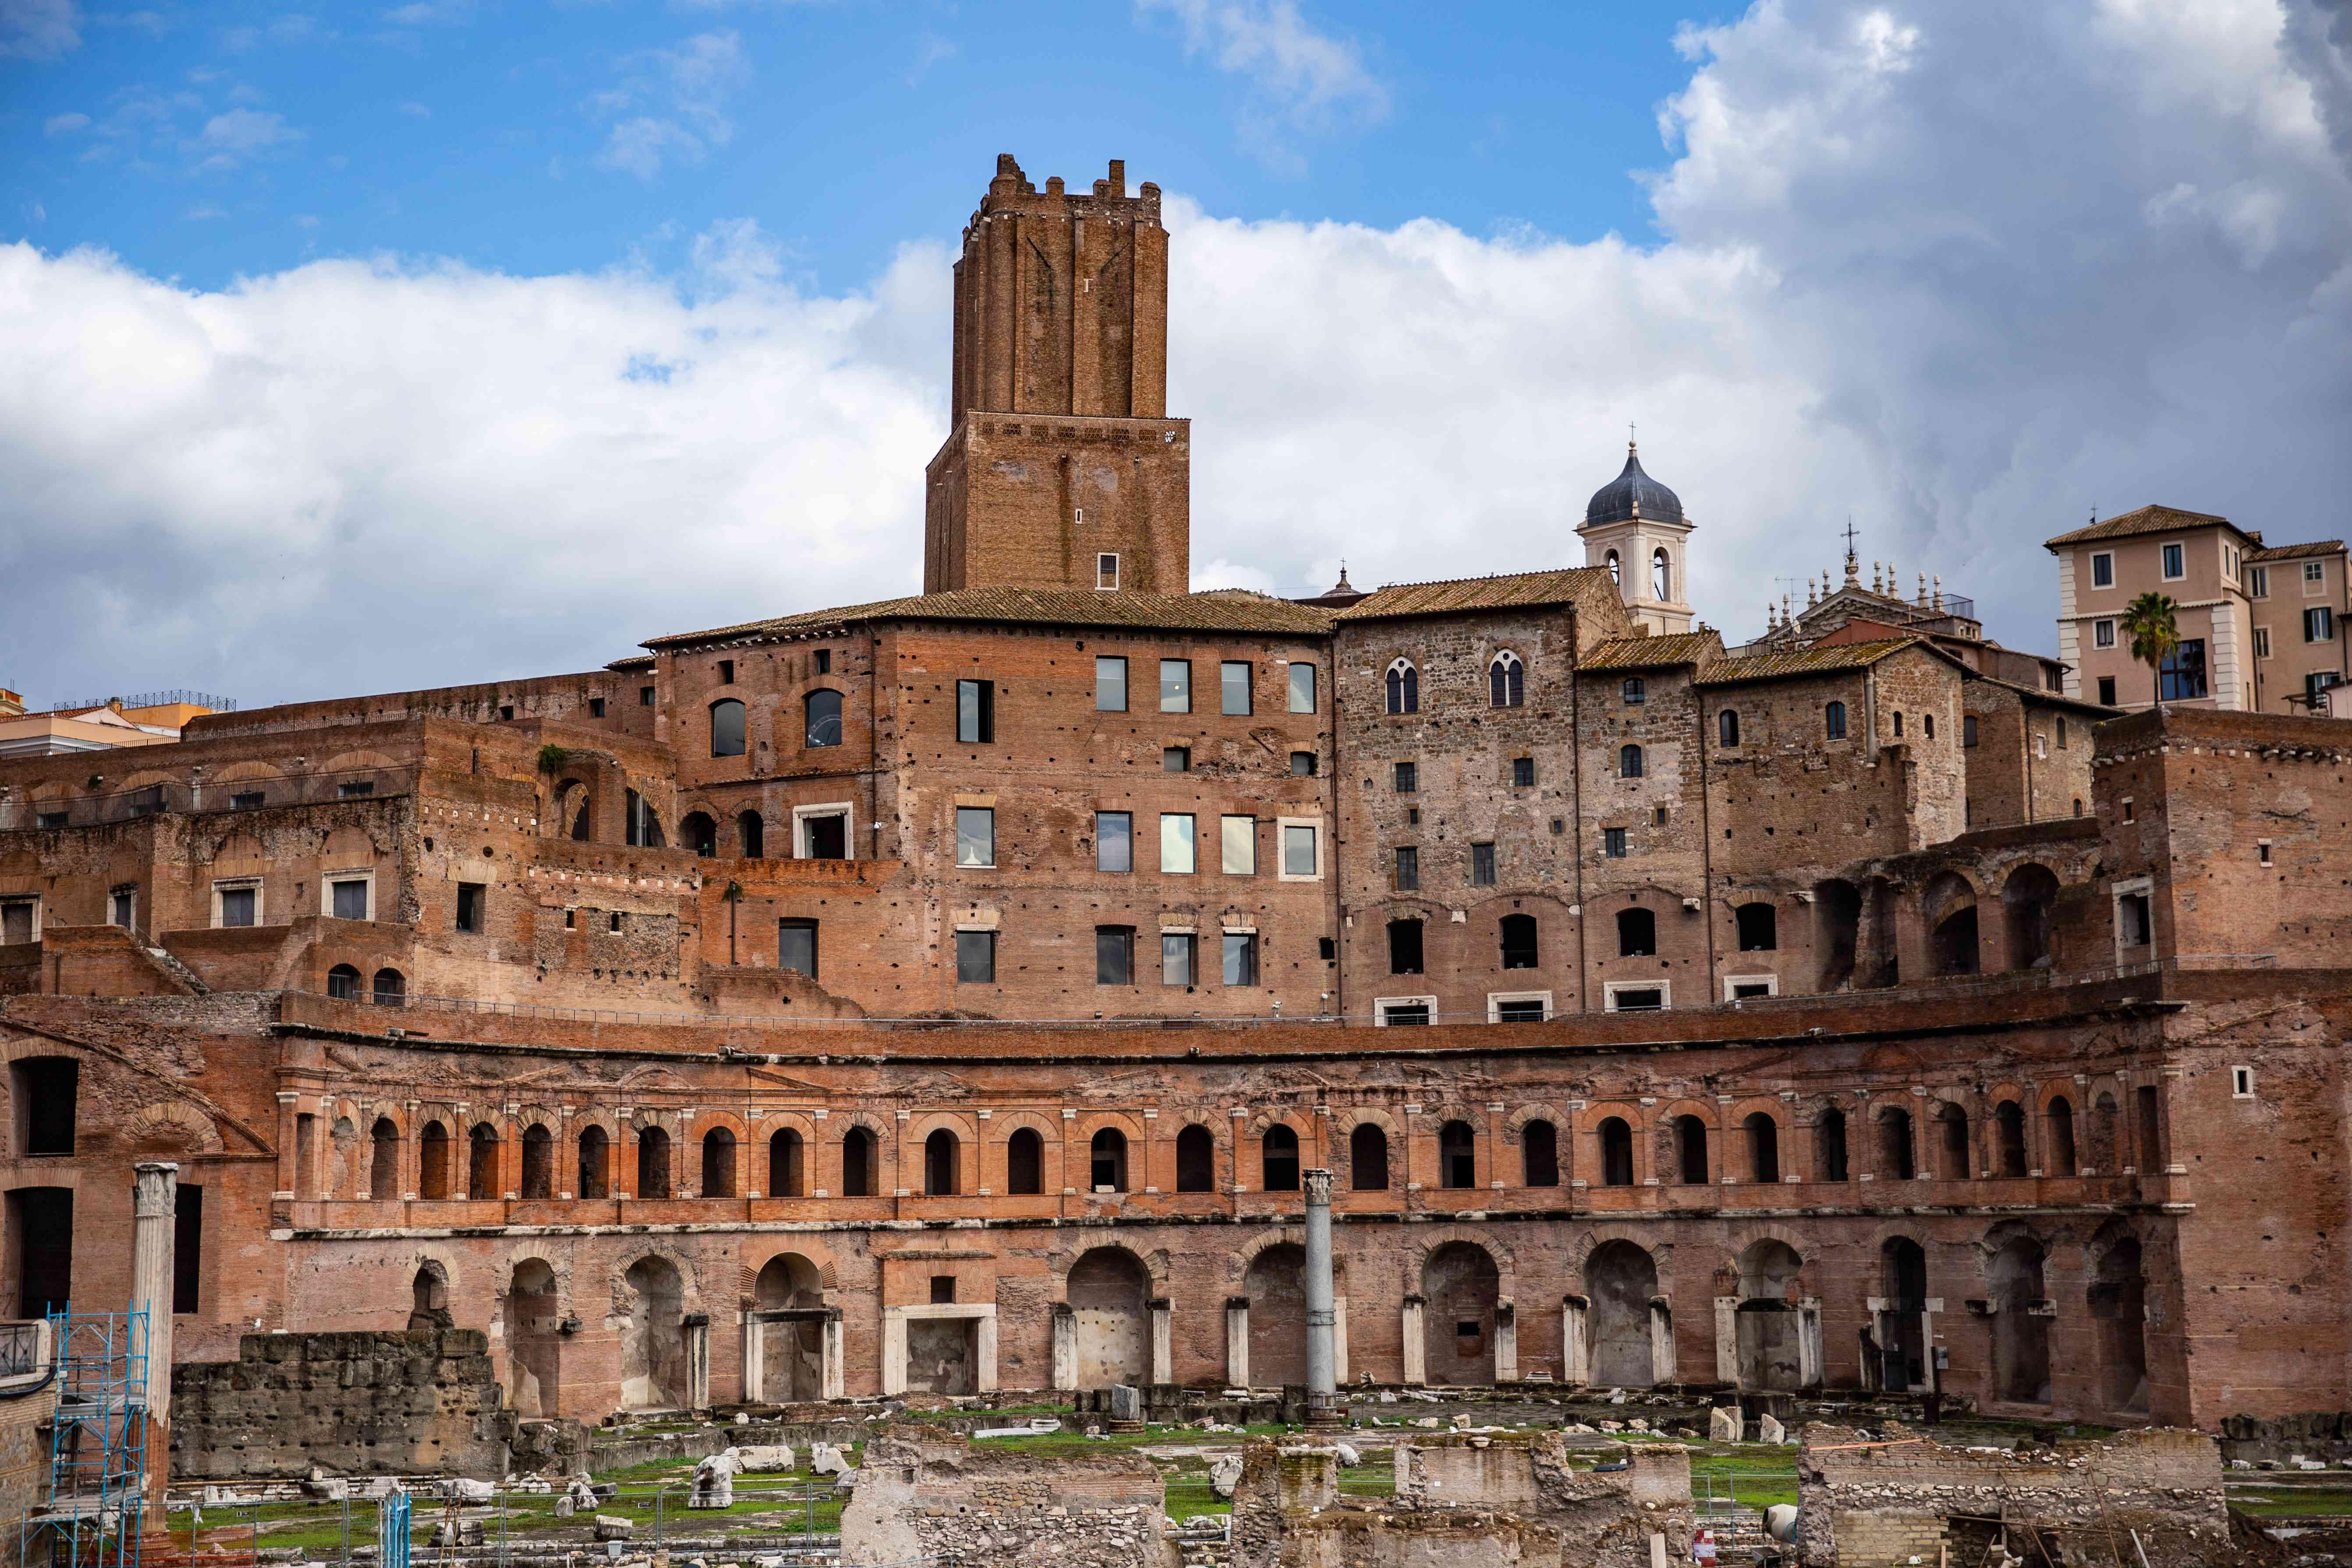 Trajan's Market & Forum in Rome